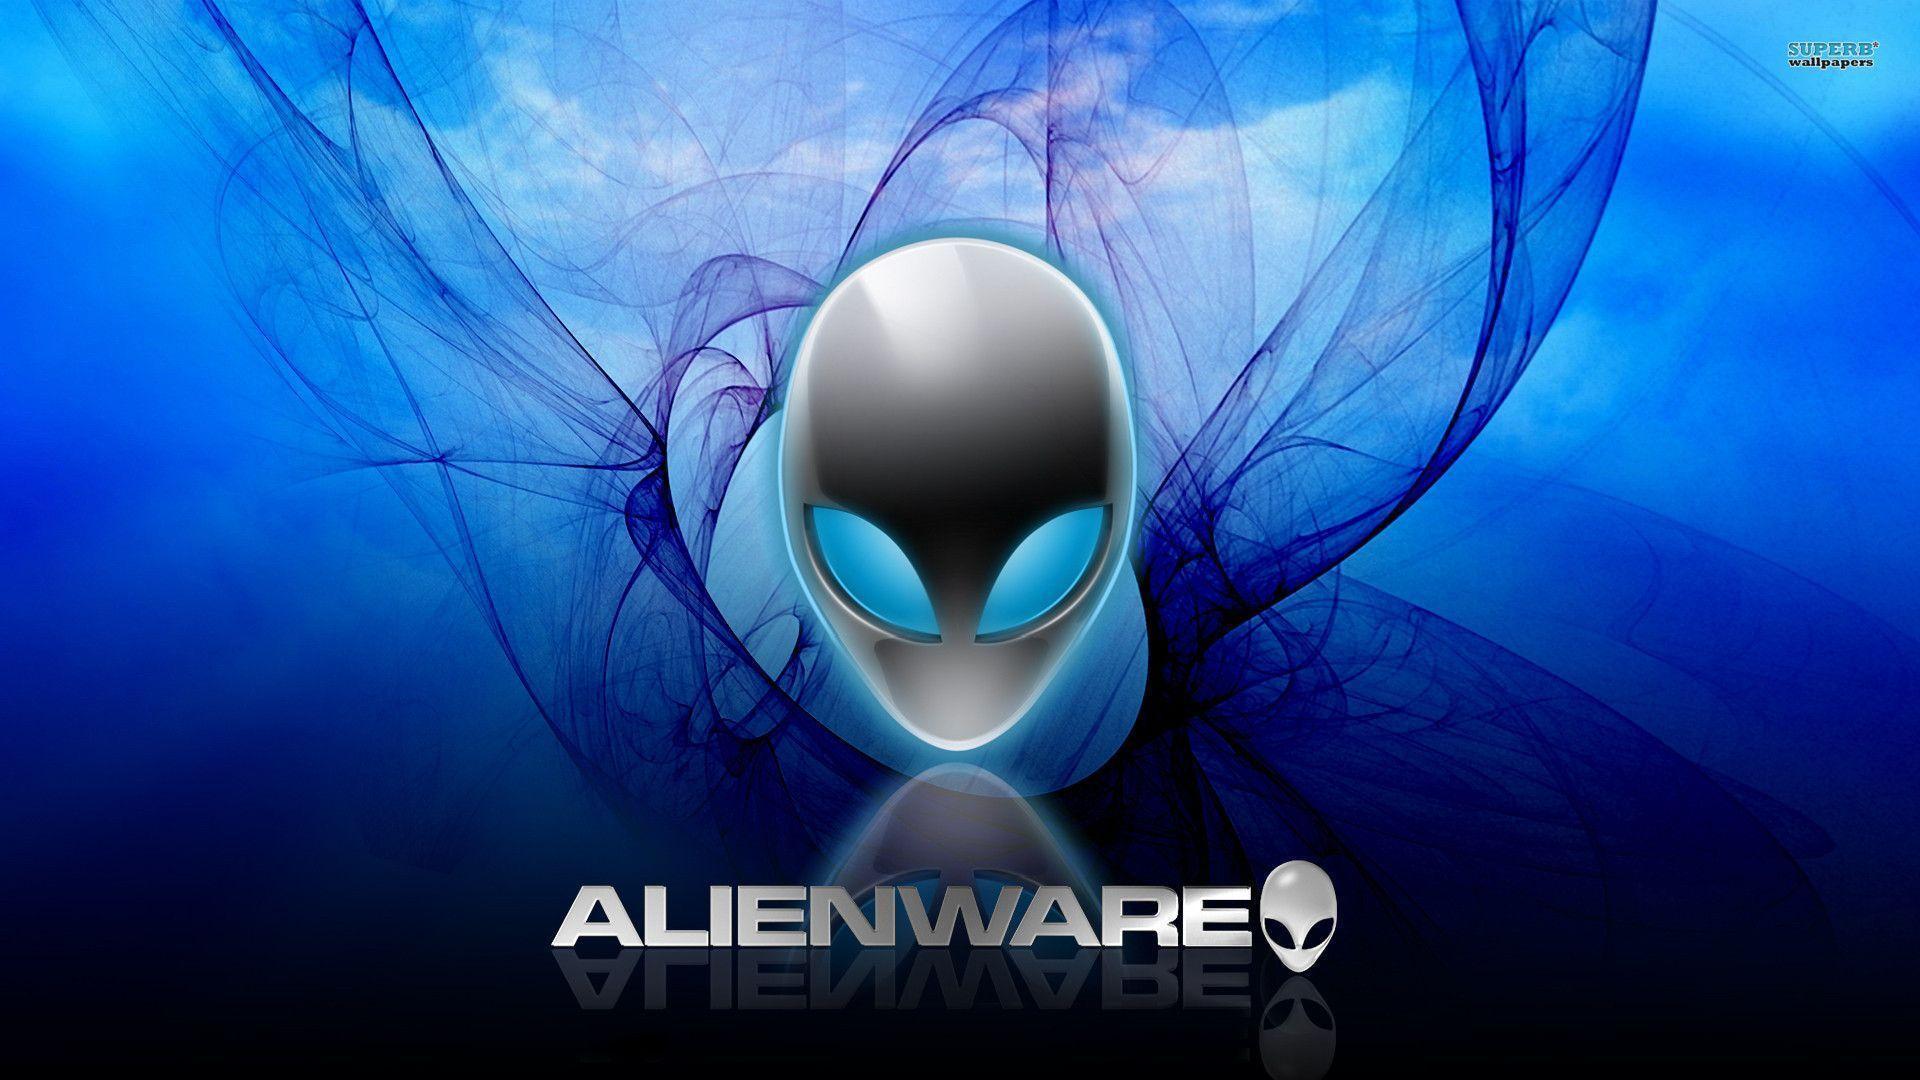 alienware wallpapers 1920x1080 - wallpaper cave